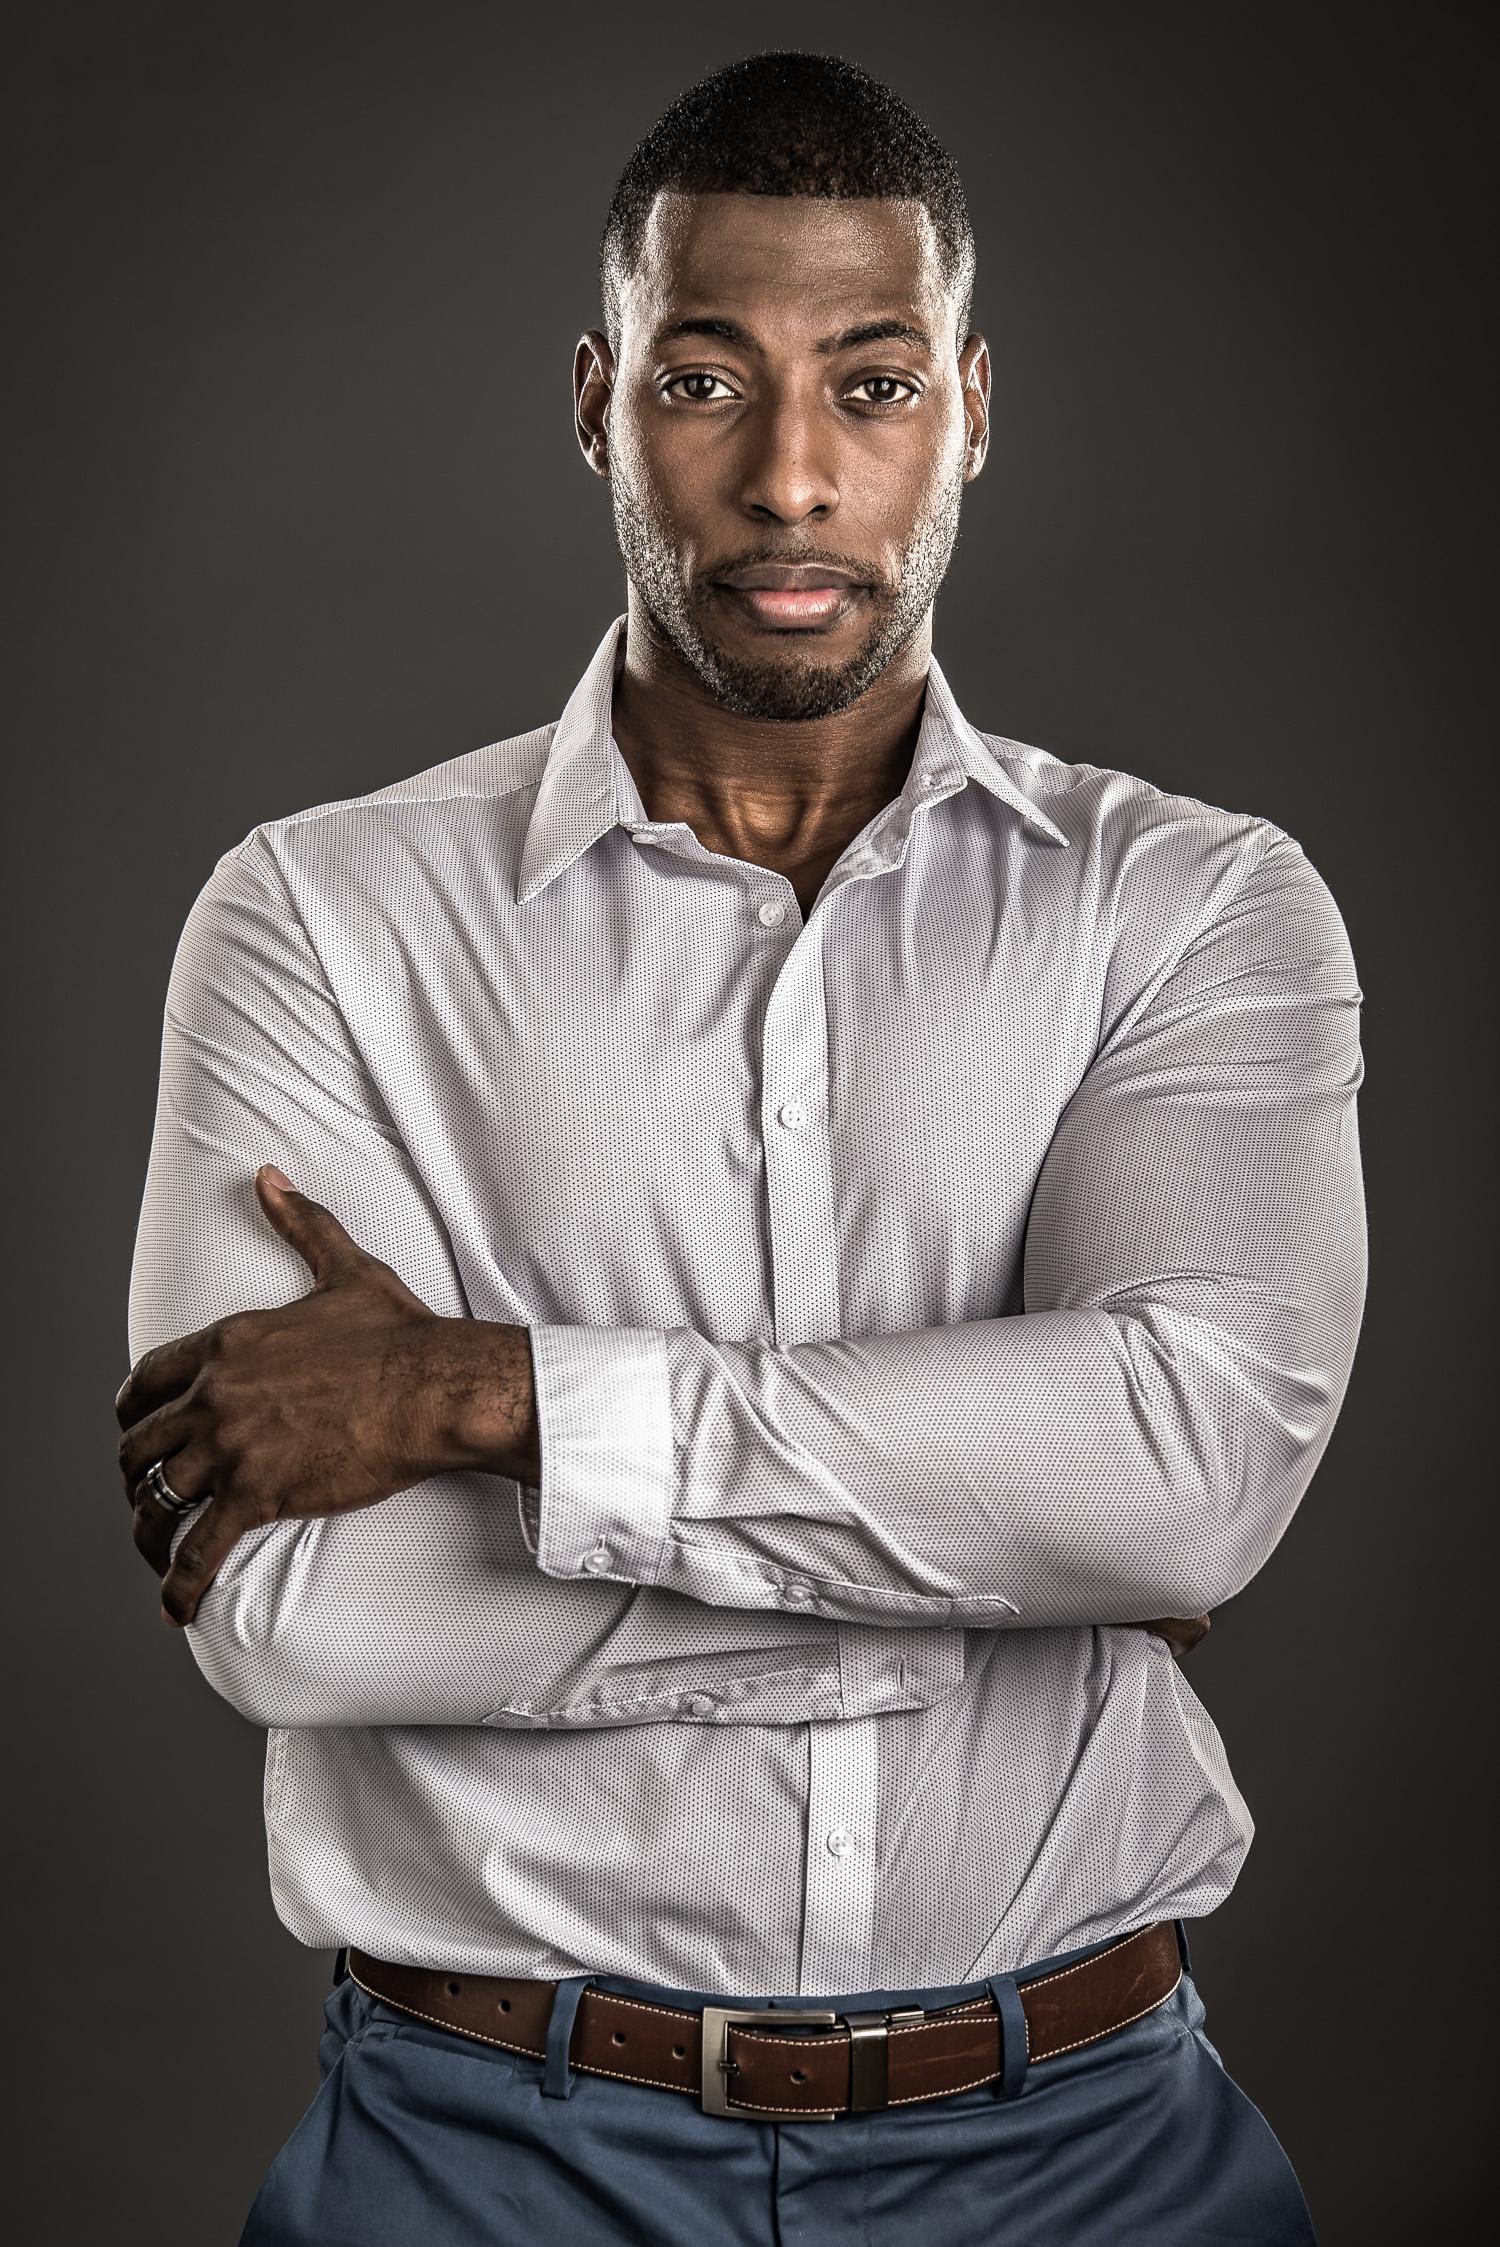 Portrait of Actor Model